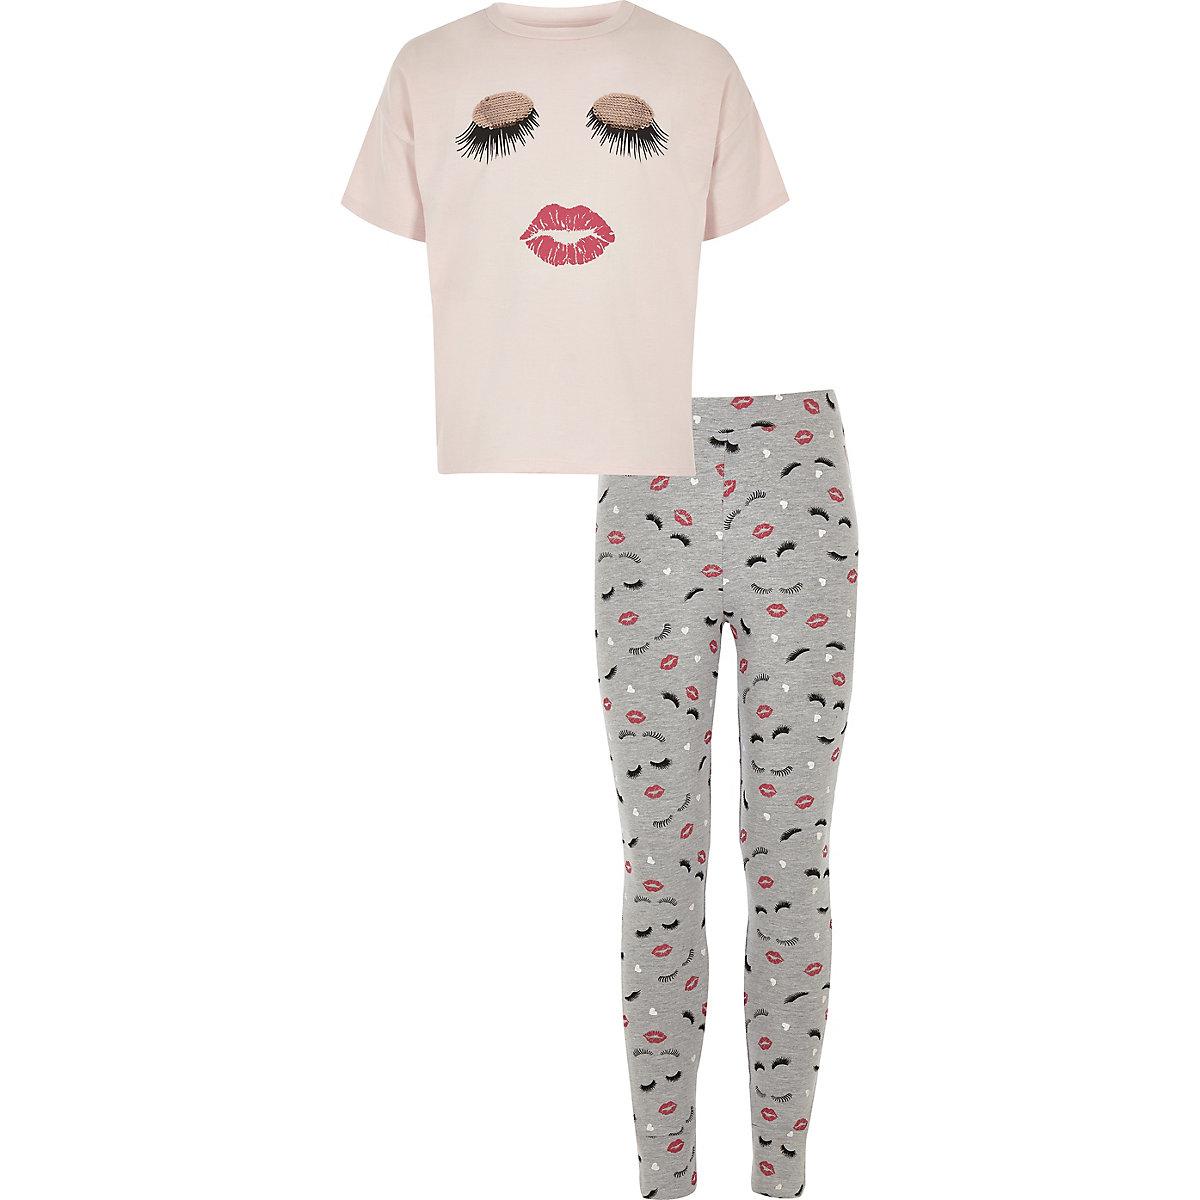 Girls pink eyelash and lips pajama set